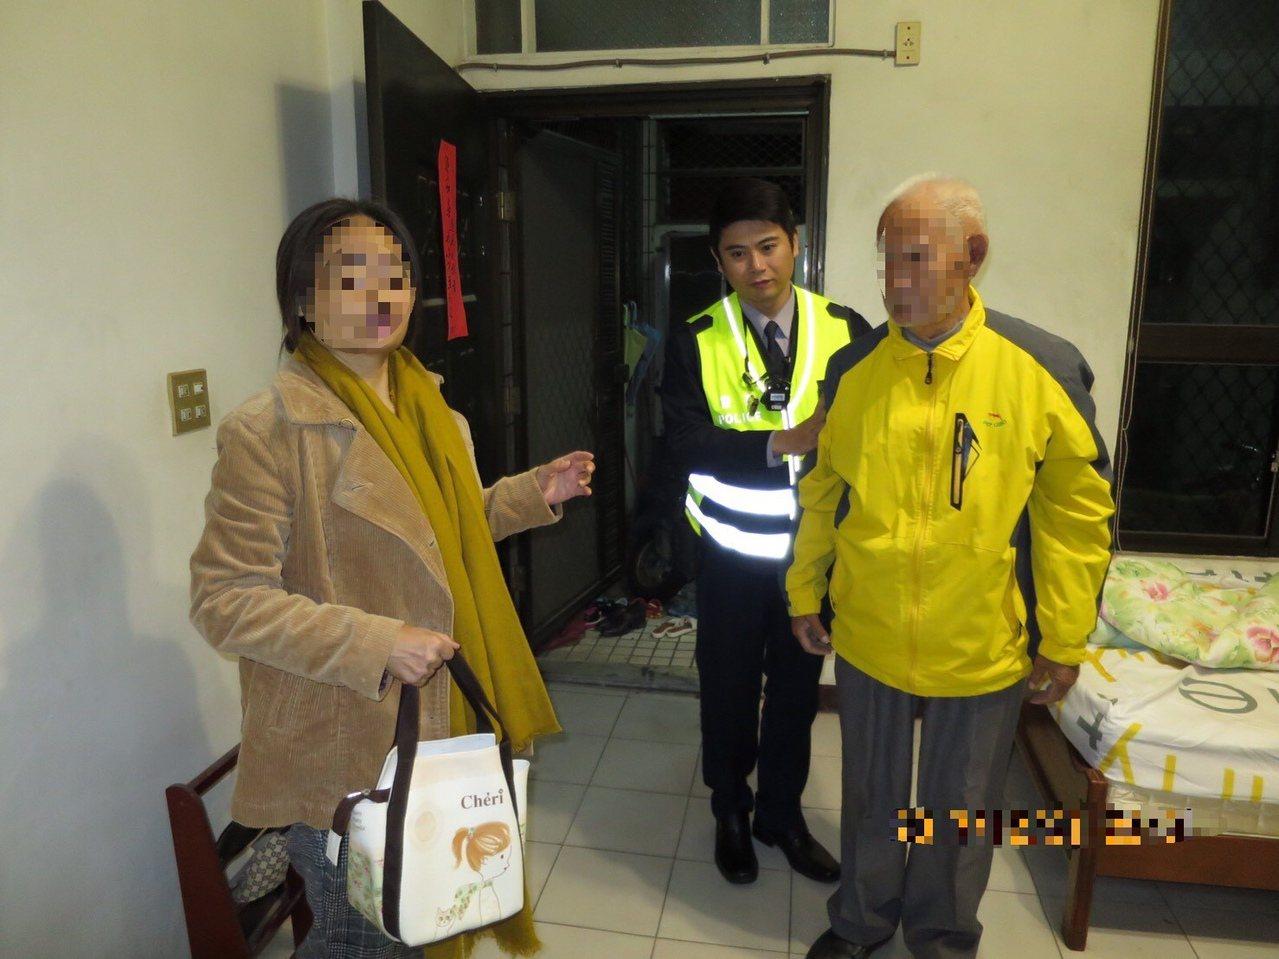 李姓老翁昨晚得以平安返家,女兒感謝警方協助,稱讚員警「揪感心」。記者邵心杰/翻攝...